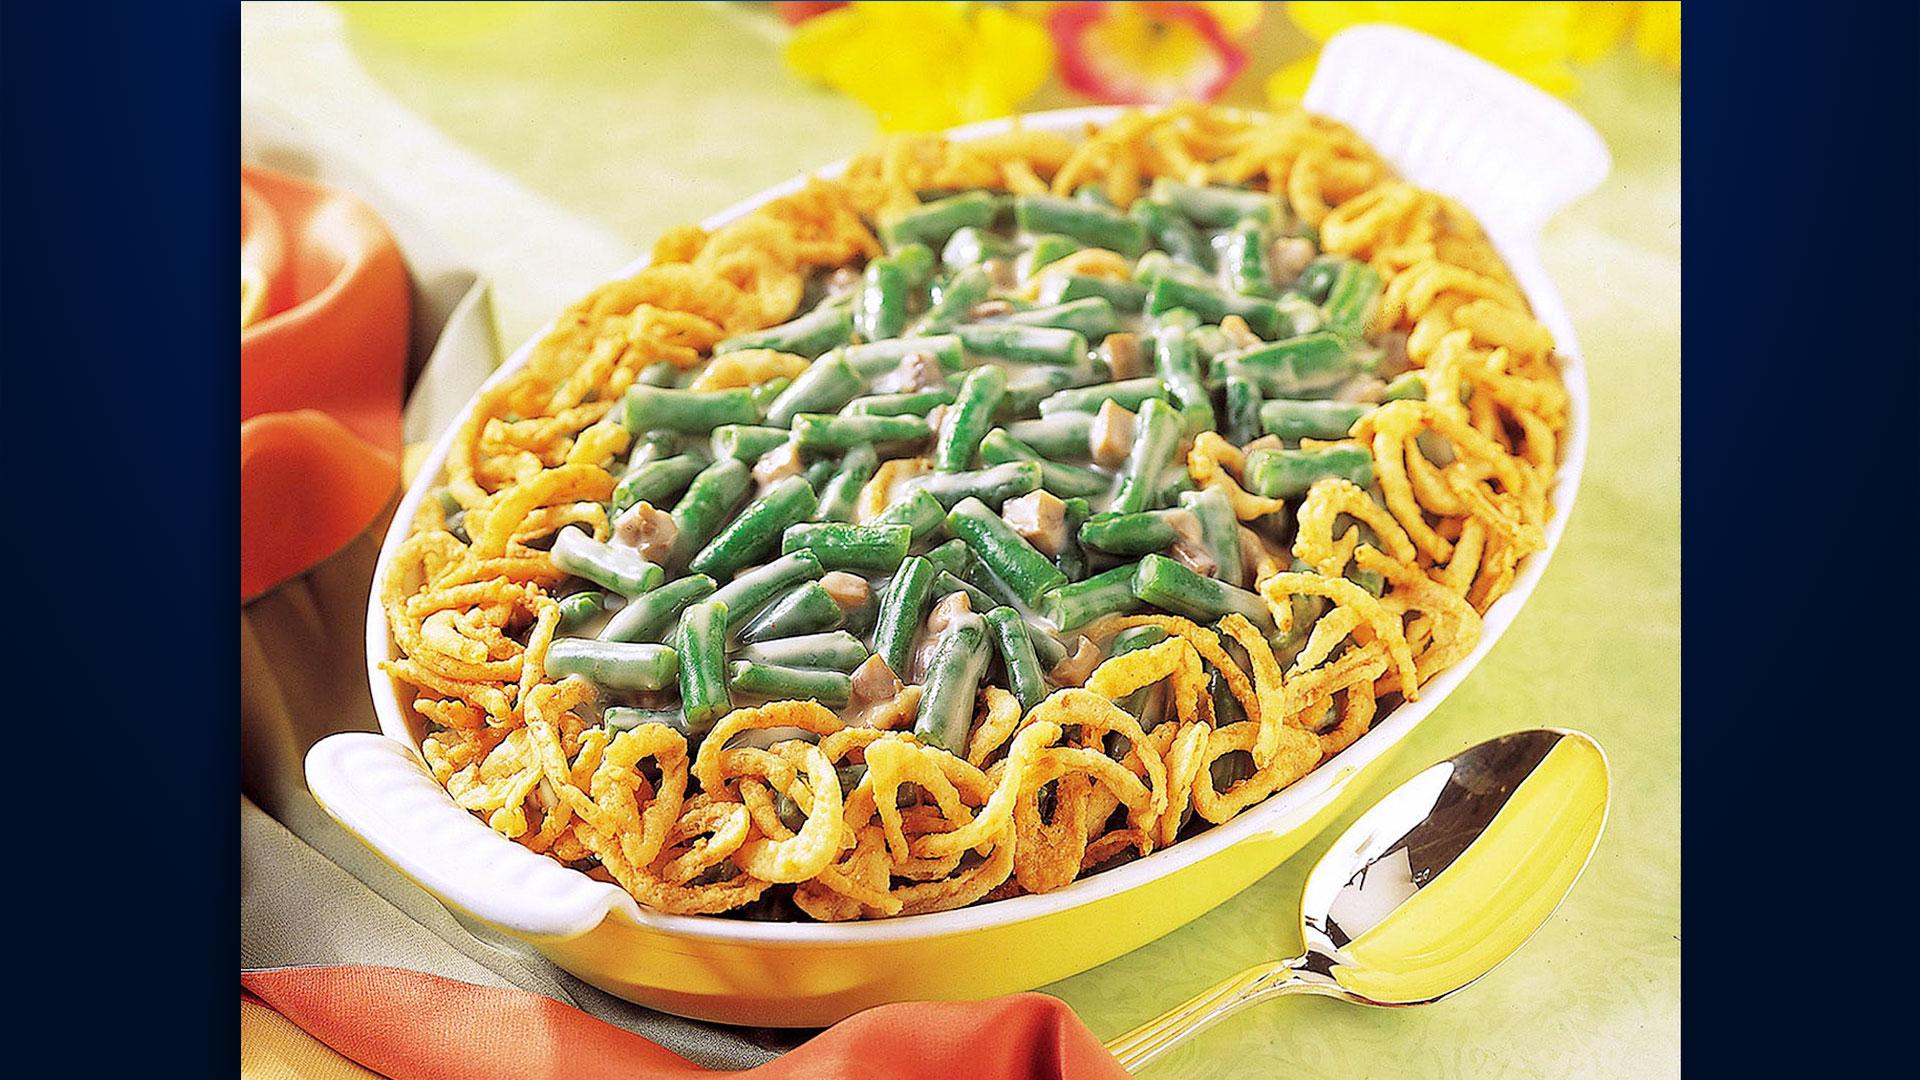 KELO Green Bean Casserole